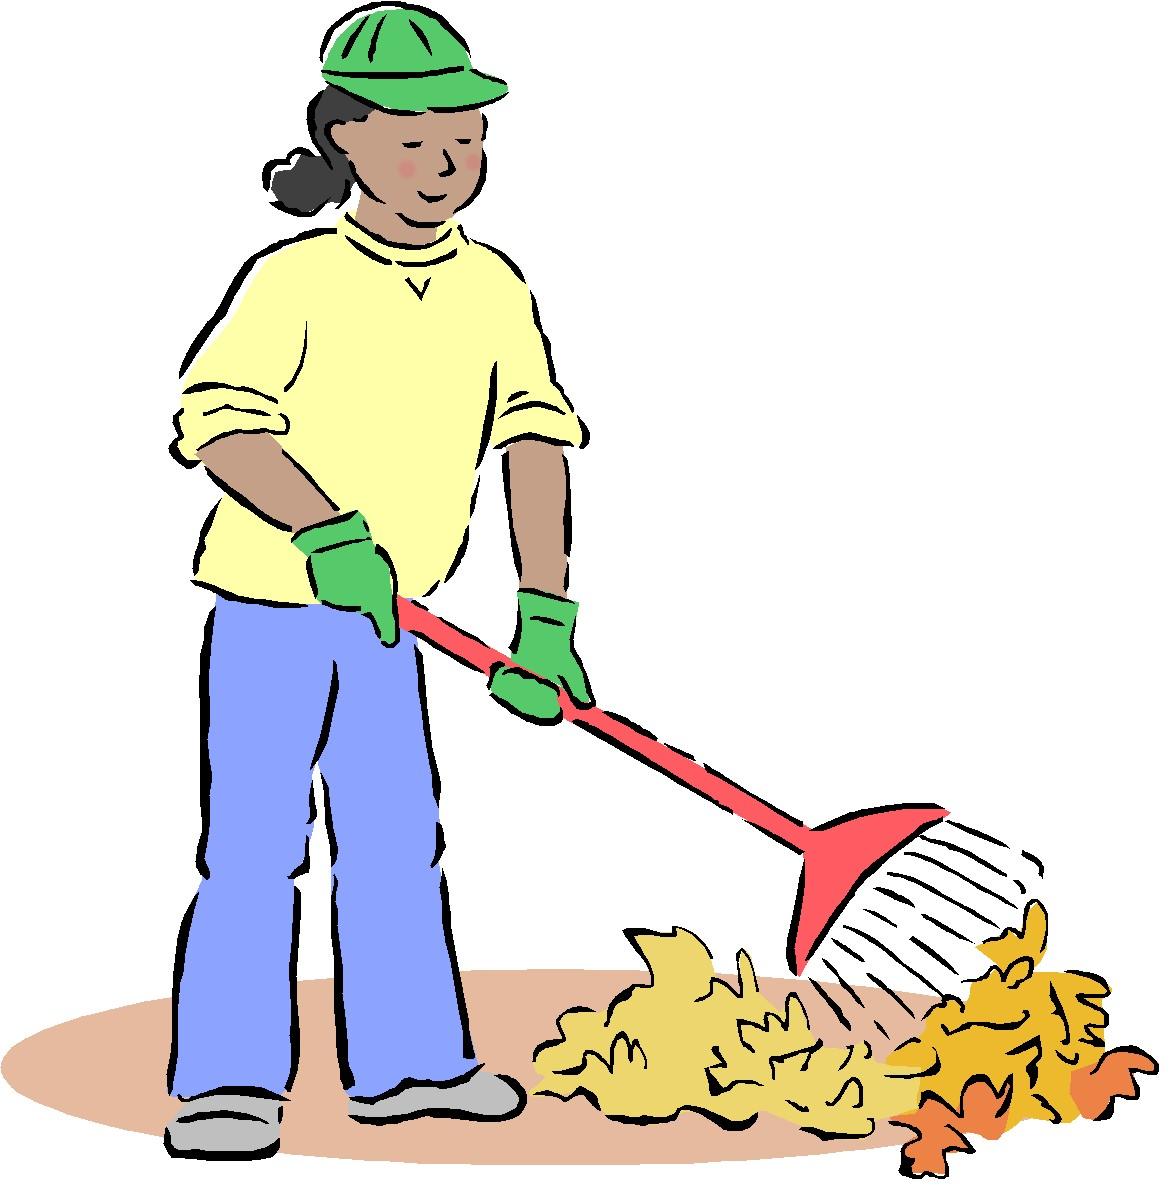 بالصور موضوع تعبير عن النظافة , مفاهيم وافكار جميله عن النظافه 5884 2